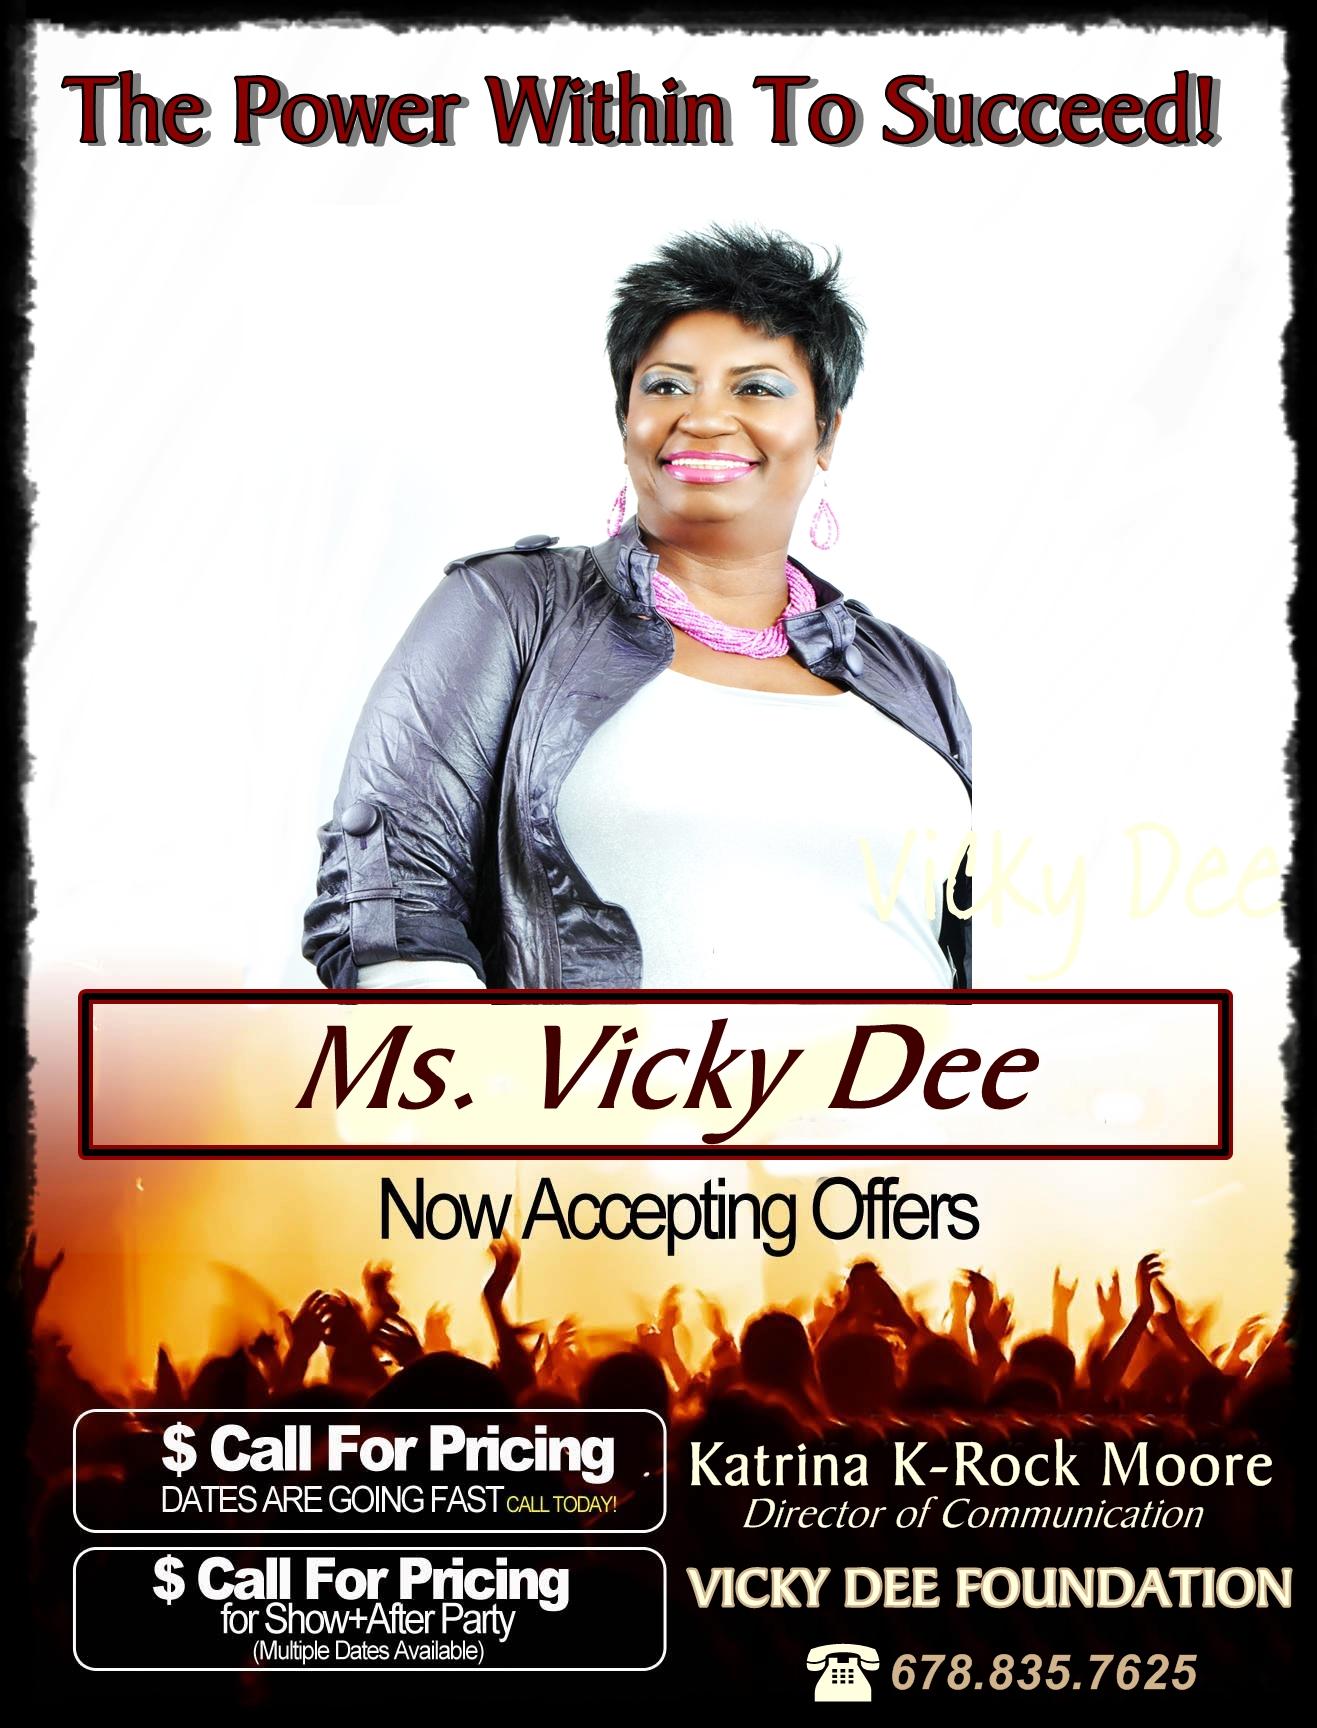 Vicky Dee